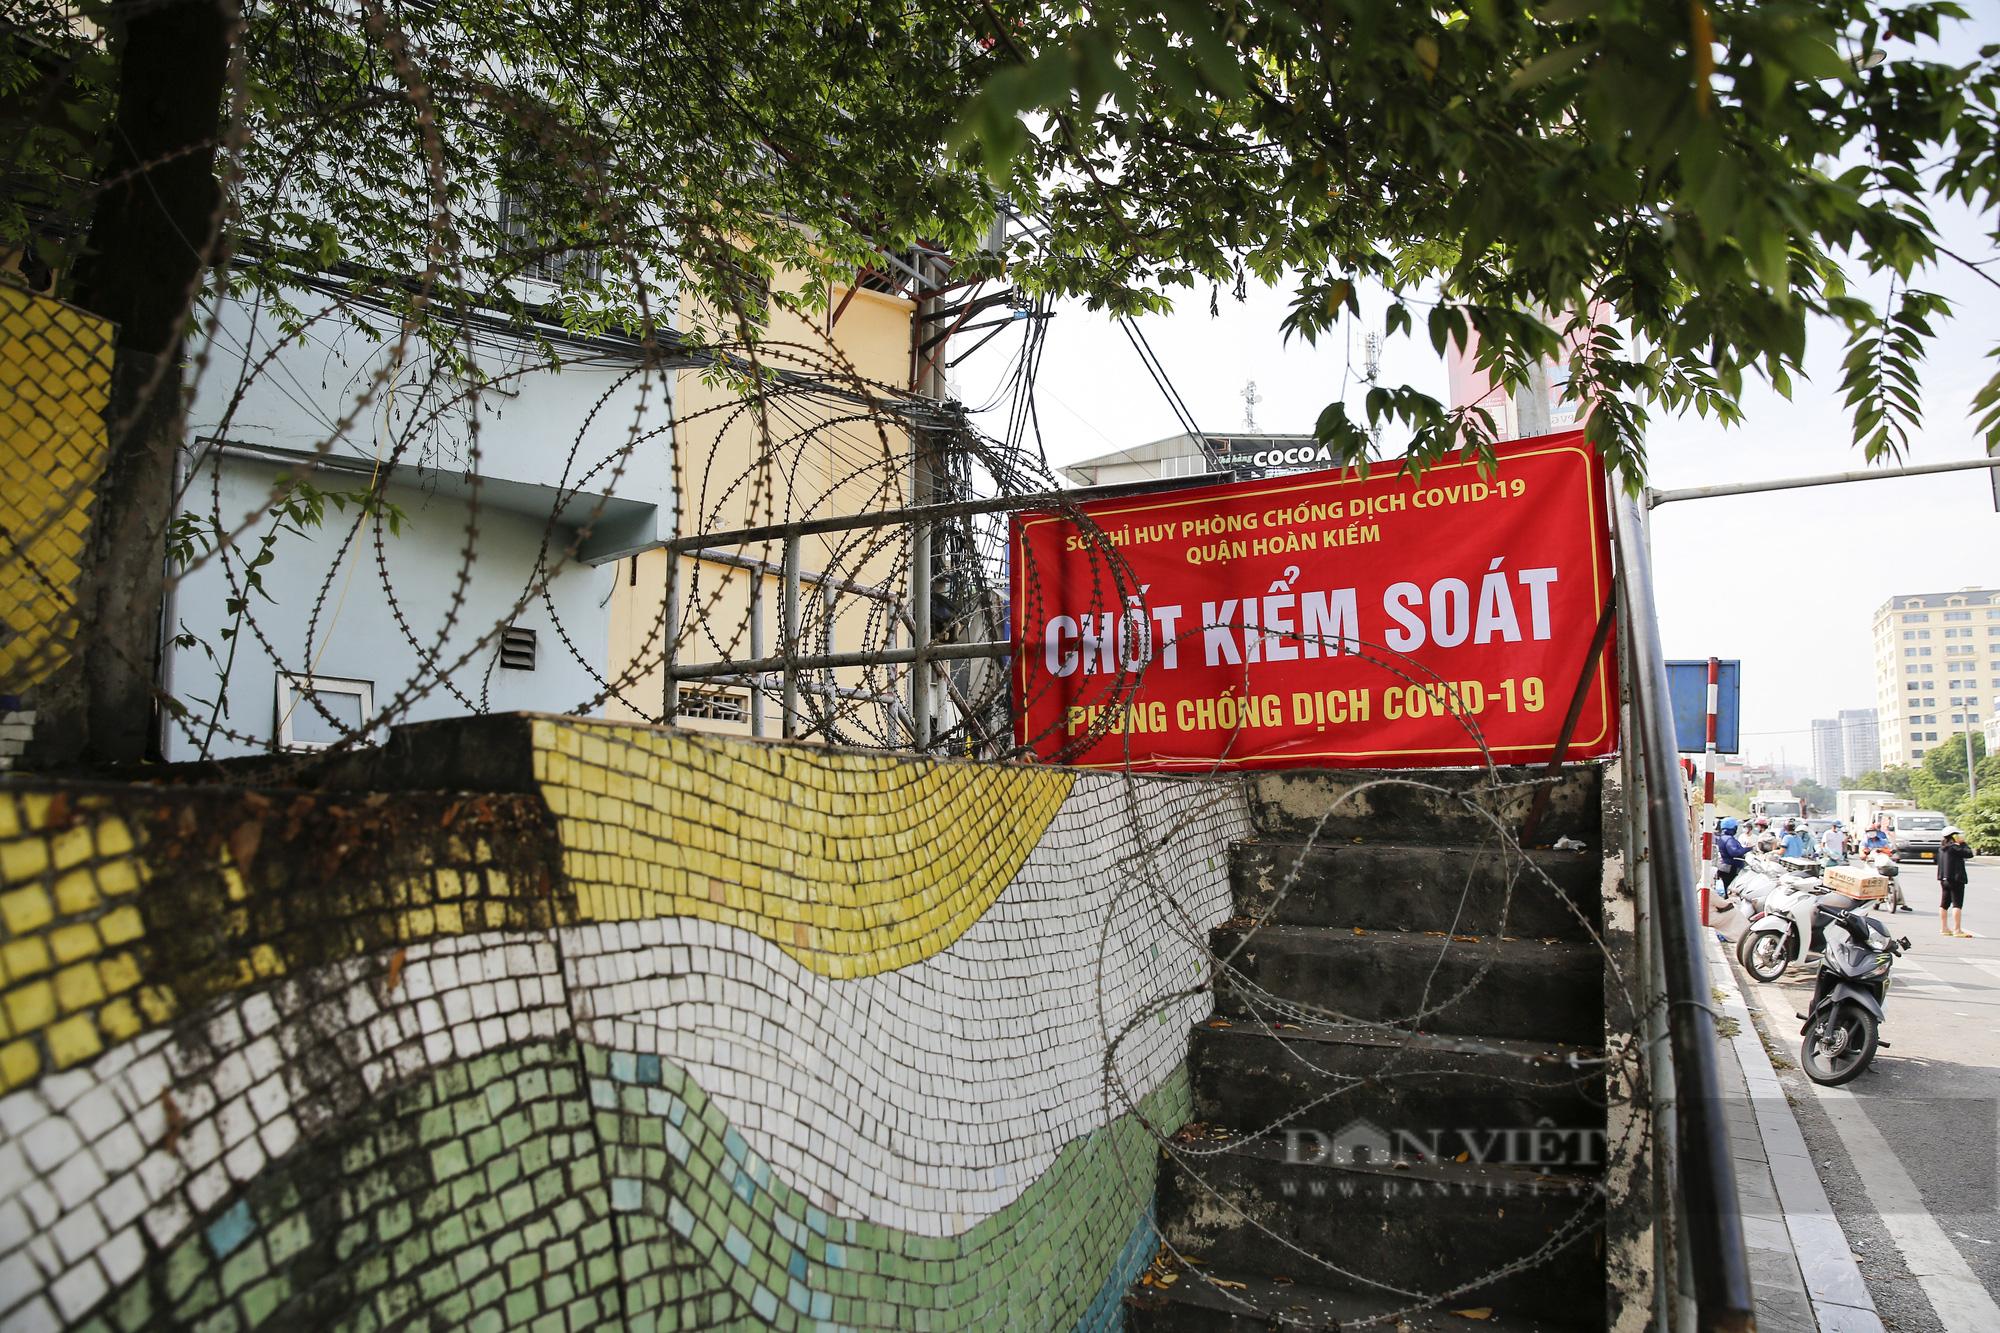 Hà Nội: Lập hàng rào dây thép gai tại khu vực phong tỏa để ngăn người vi phạm Chỉ thị cách ly - Ảnh 8.